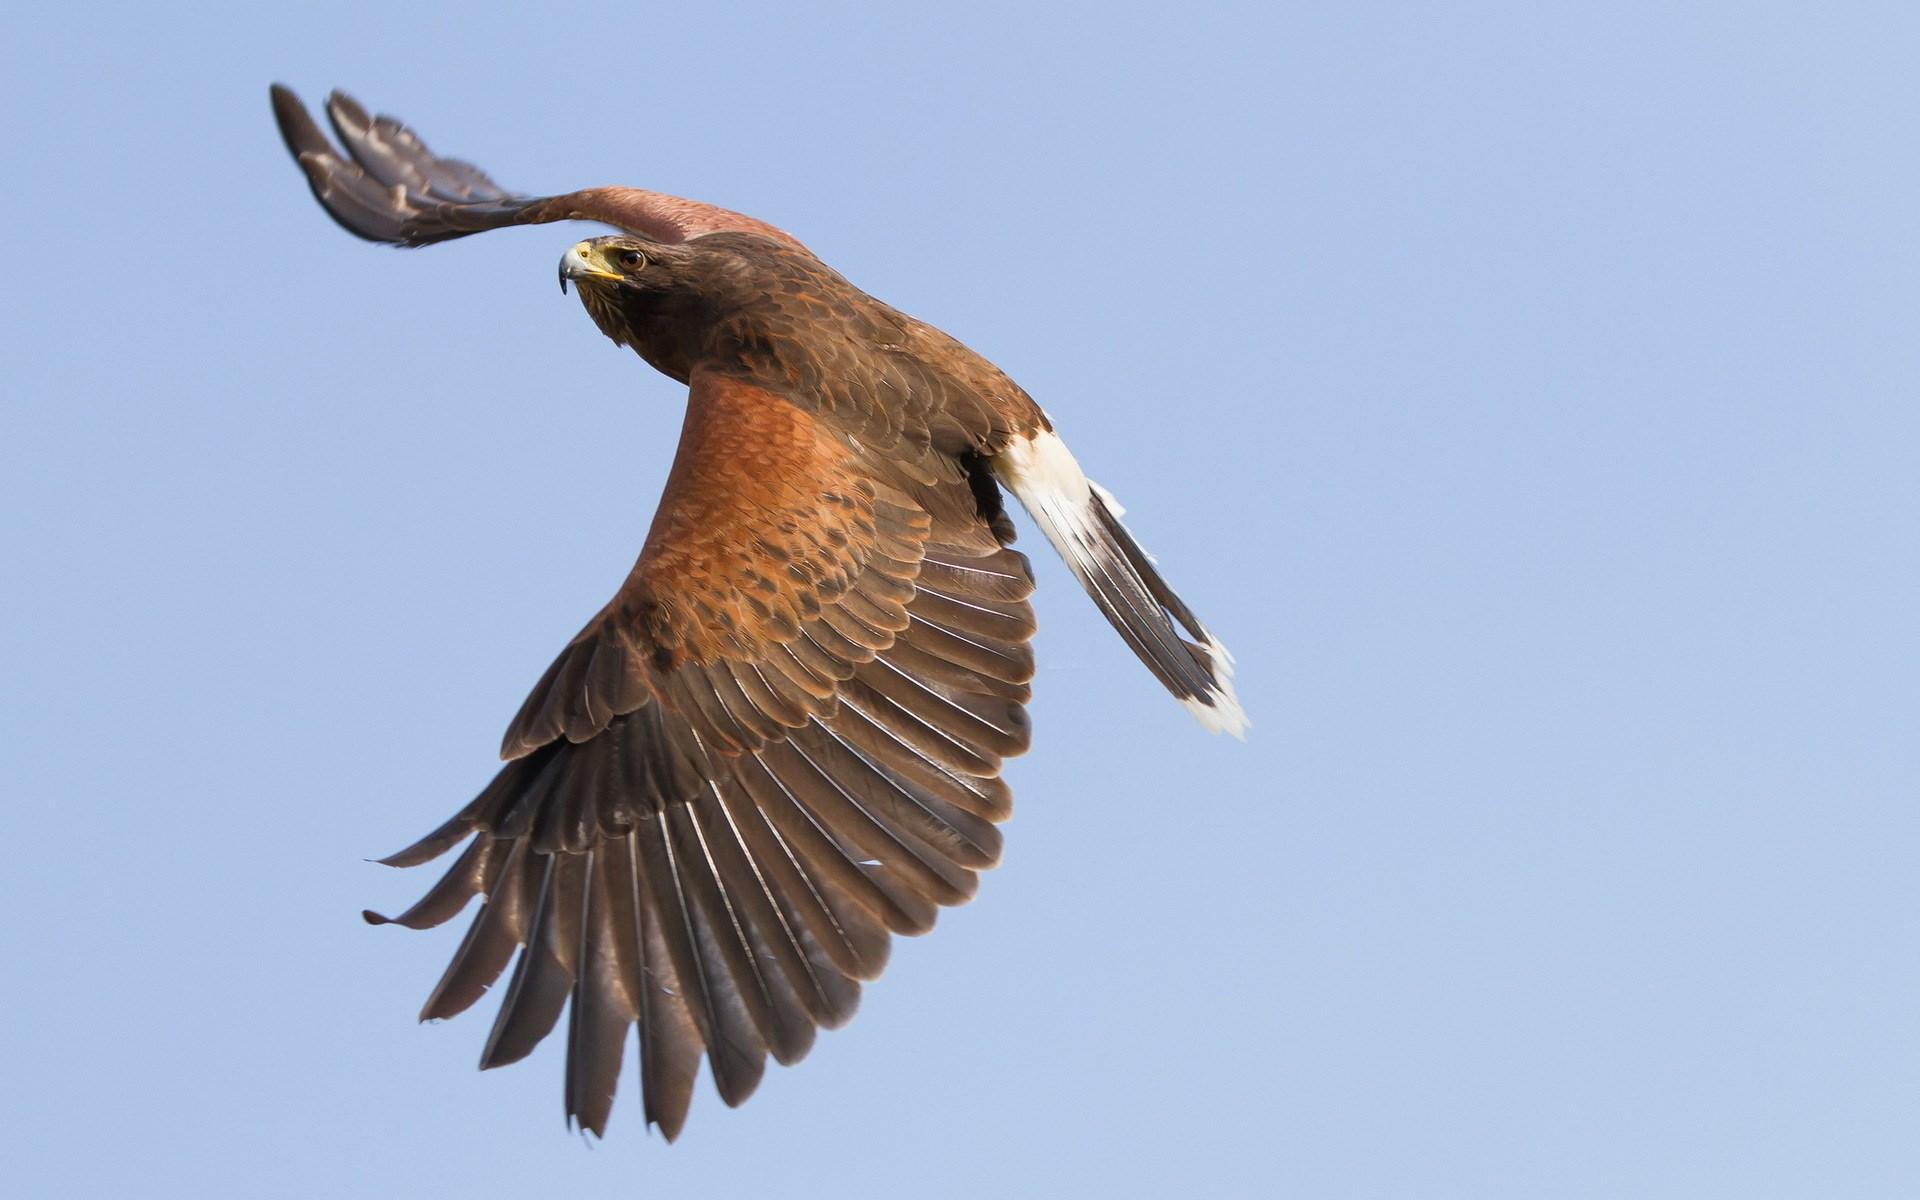 eagle on sky